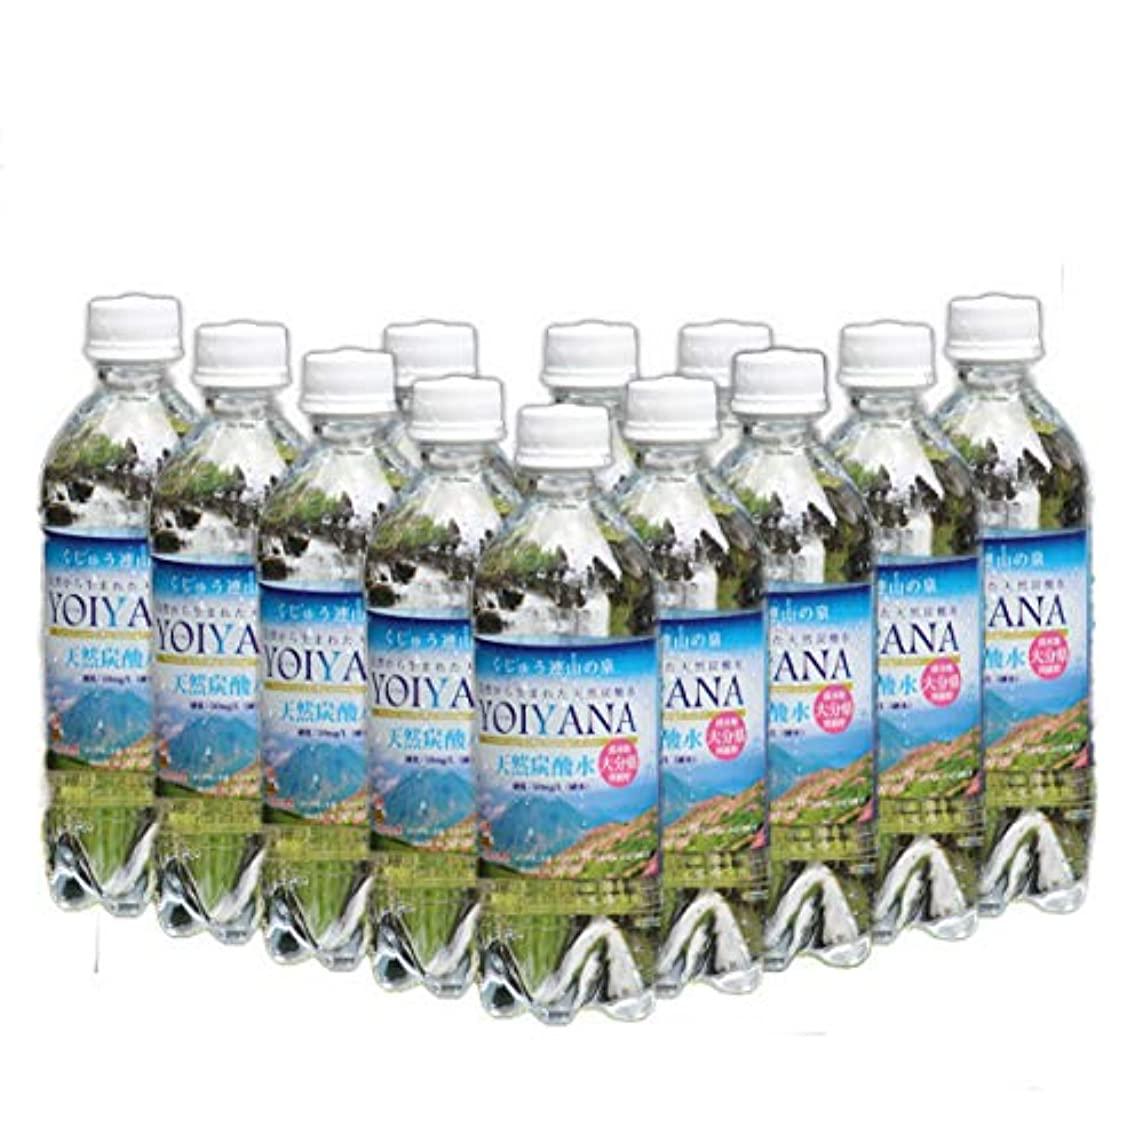 写真撮影岸派手天然炭酸水 YOIYANA (よいやな) 500ml12本お試しセット